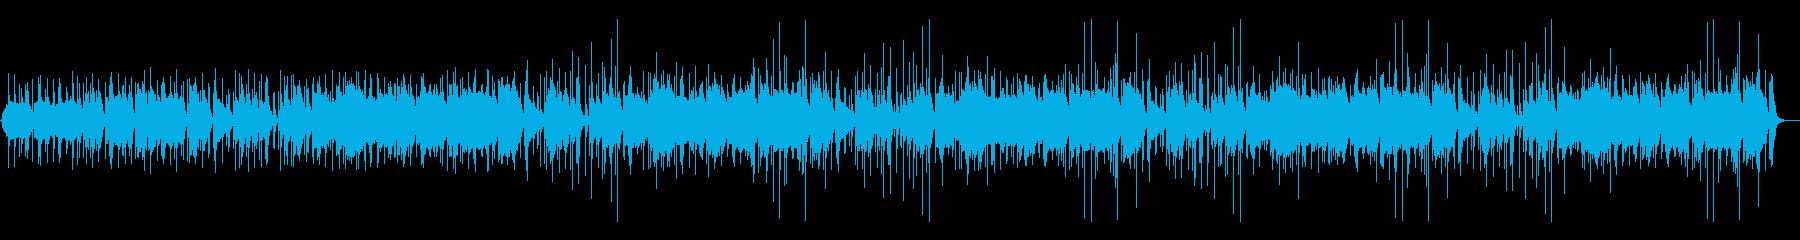 昔話風の素朴な尺八と太鼓の和風BGMの再生済みの波形